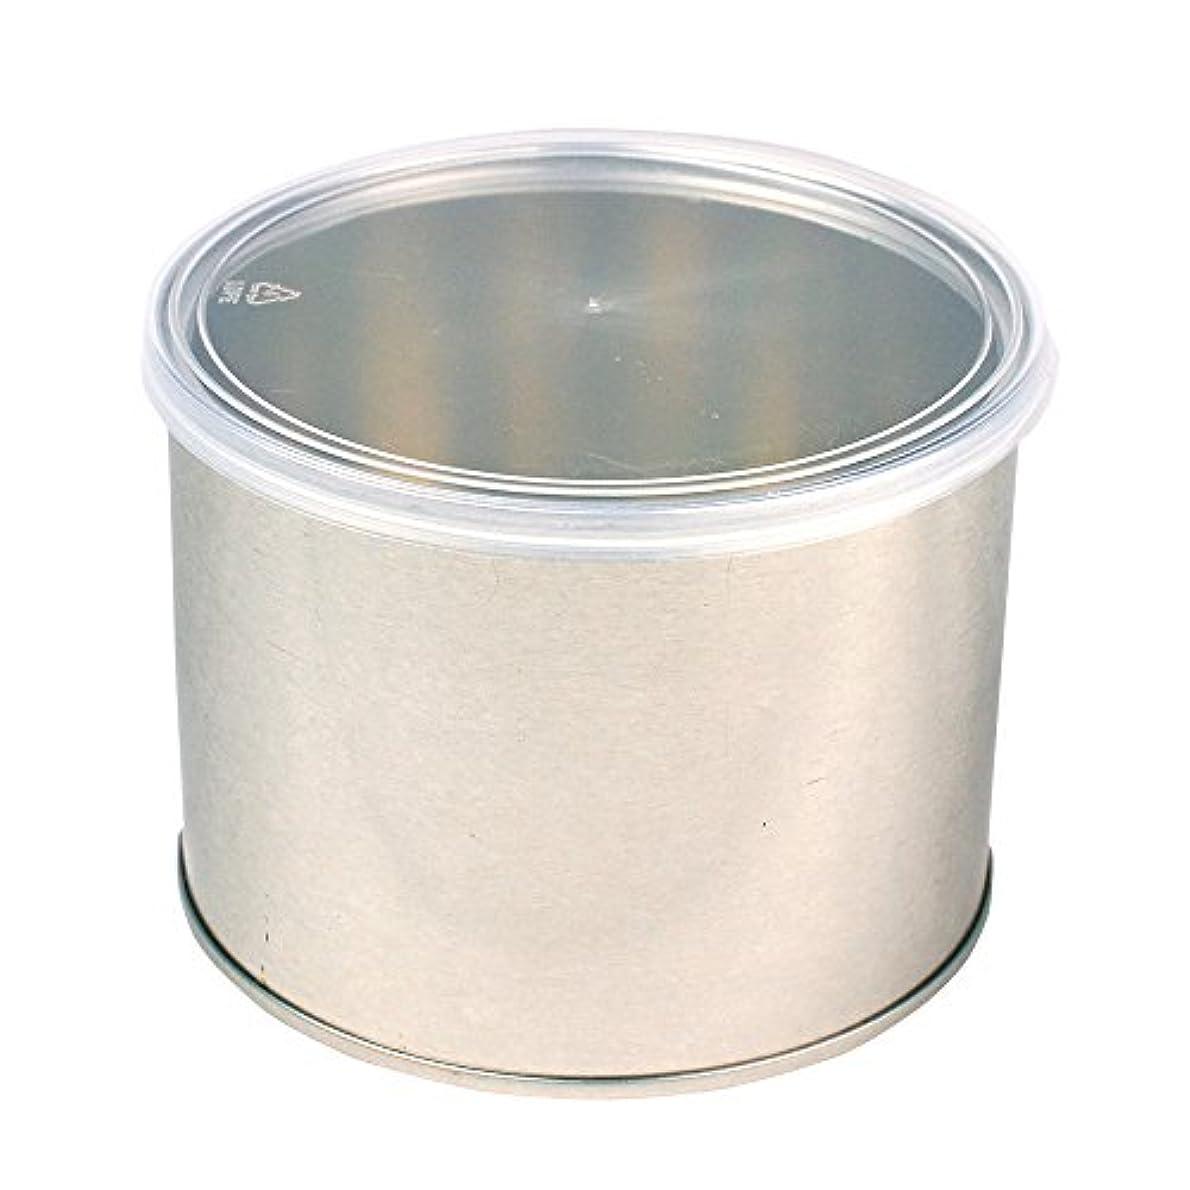 不一致それから破壊するワックス脱毛用スチール缶 ハード?ソフト両用 キャップ付 1個(032-1) ブラジリアンワックス